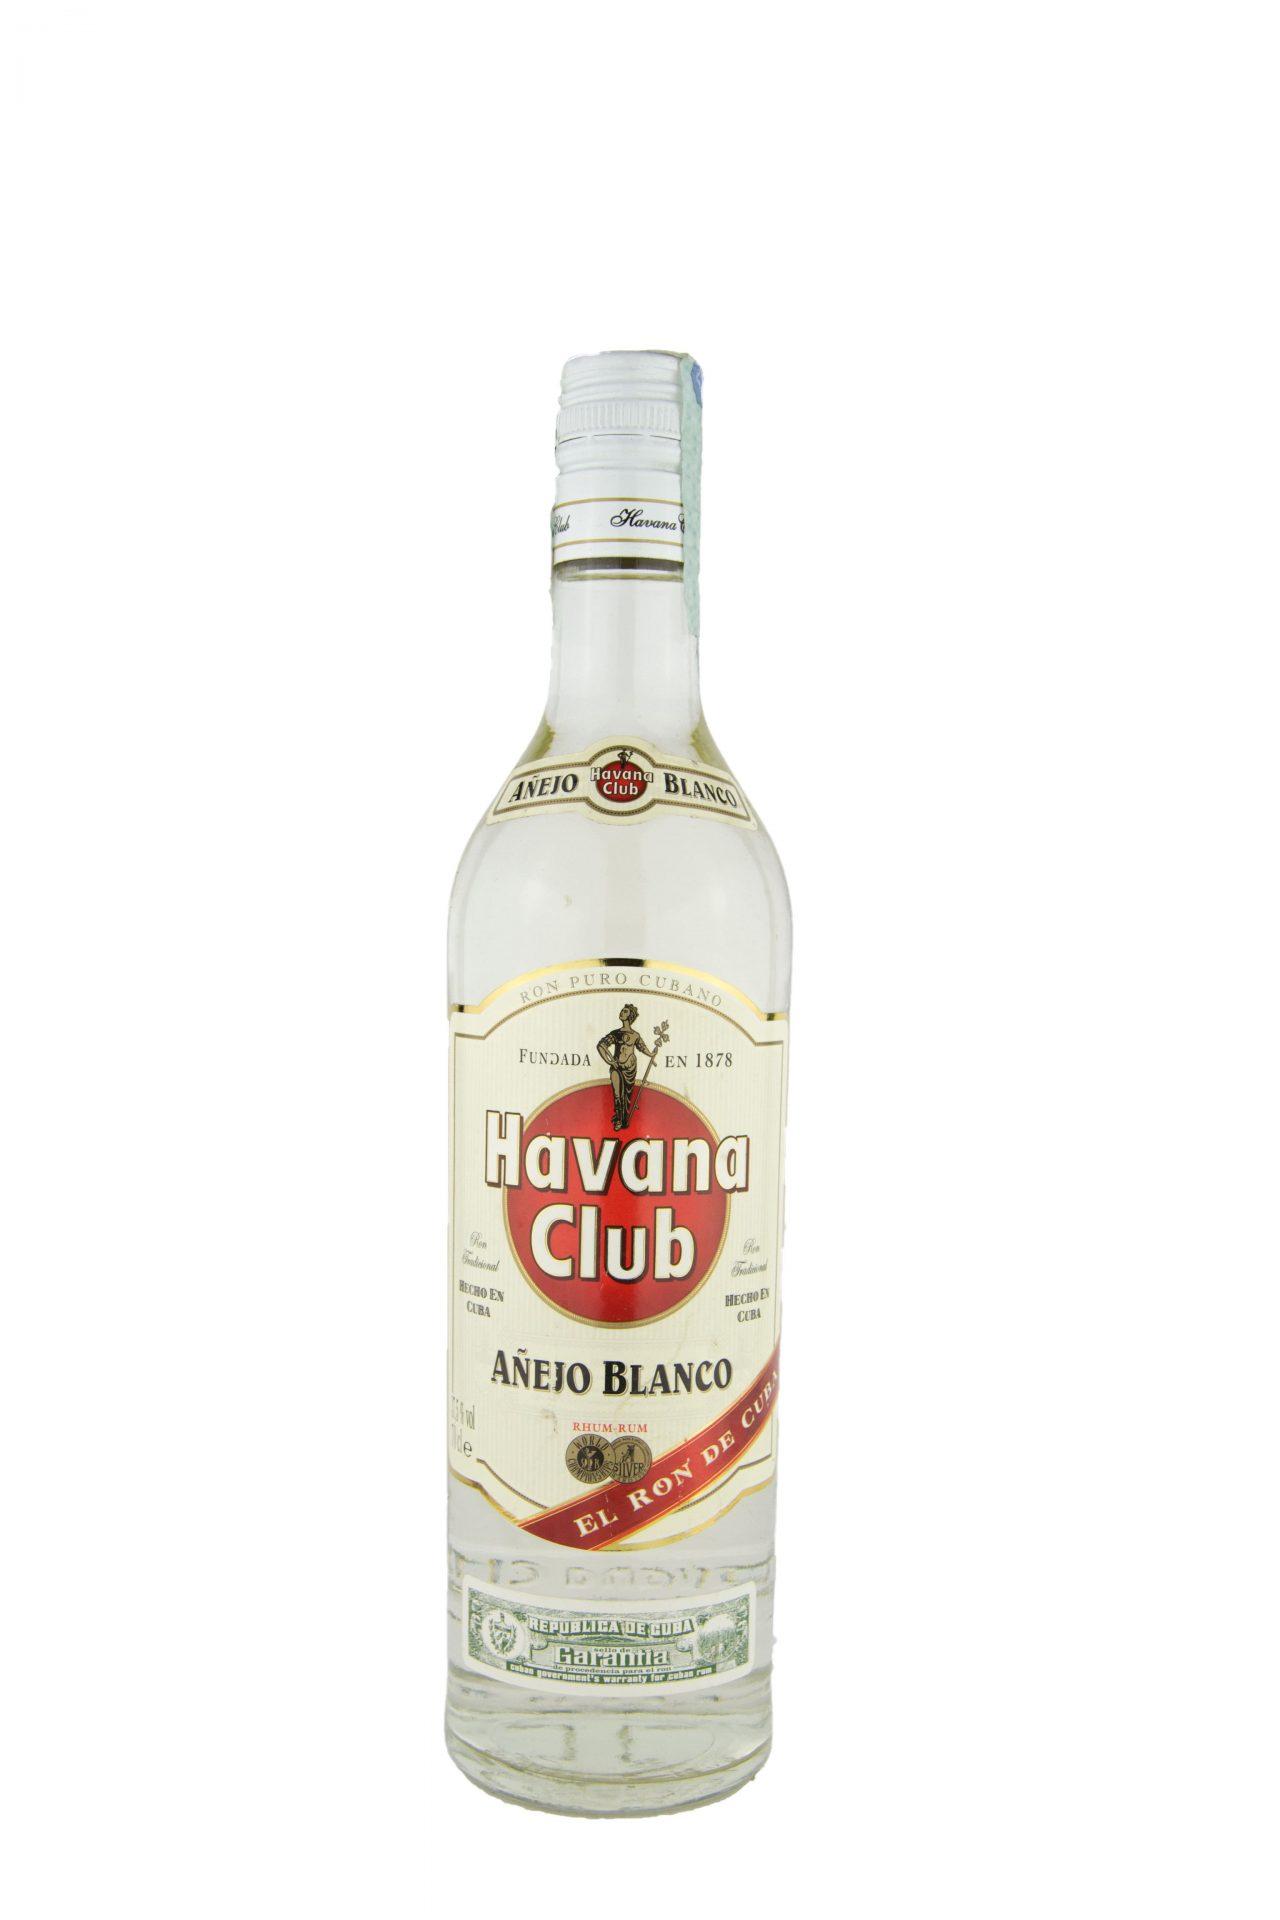 Havana Club – Anejo Blanco